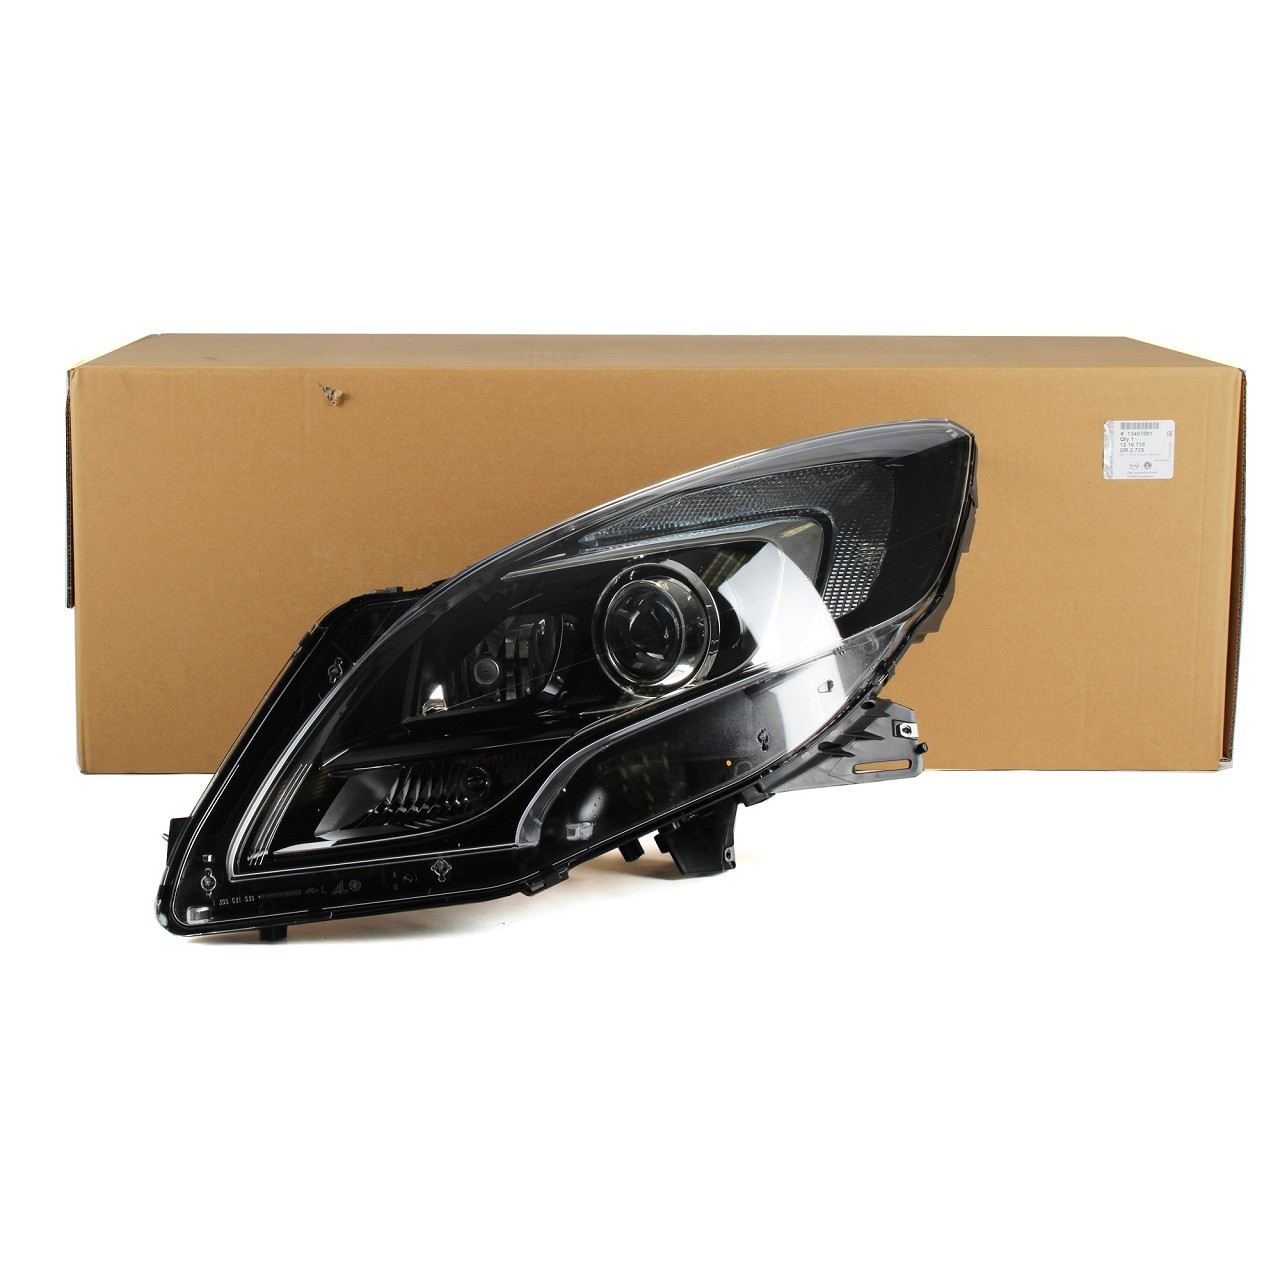 ORIGINAL Opel Scheinwerfer BI-XENON für ZAFIRA TOURER C links 1216718 13401001